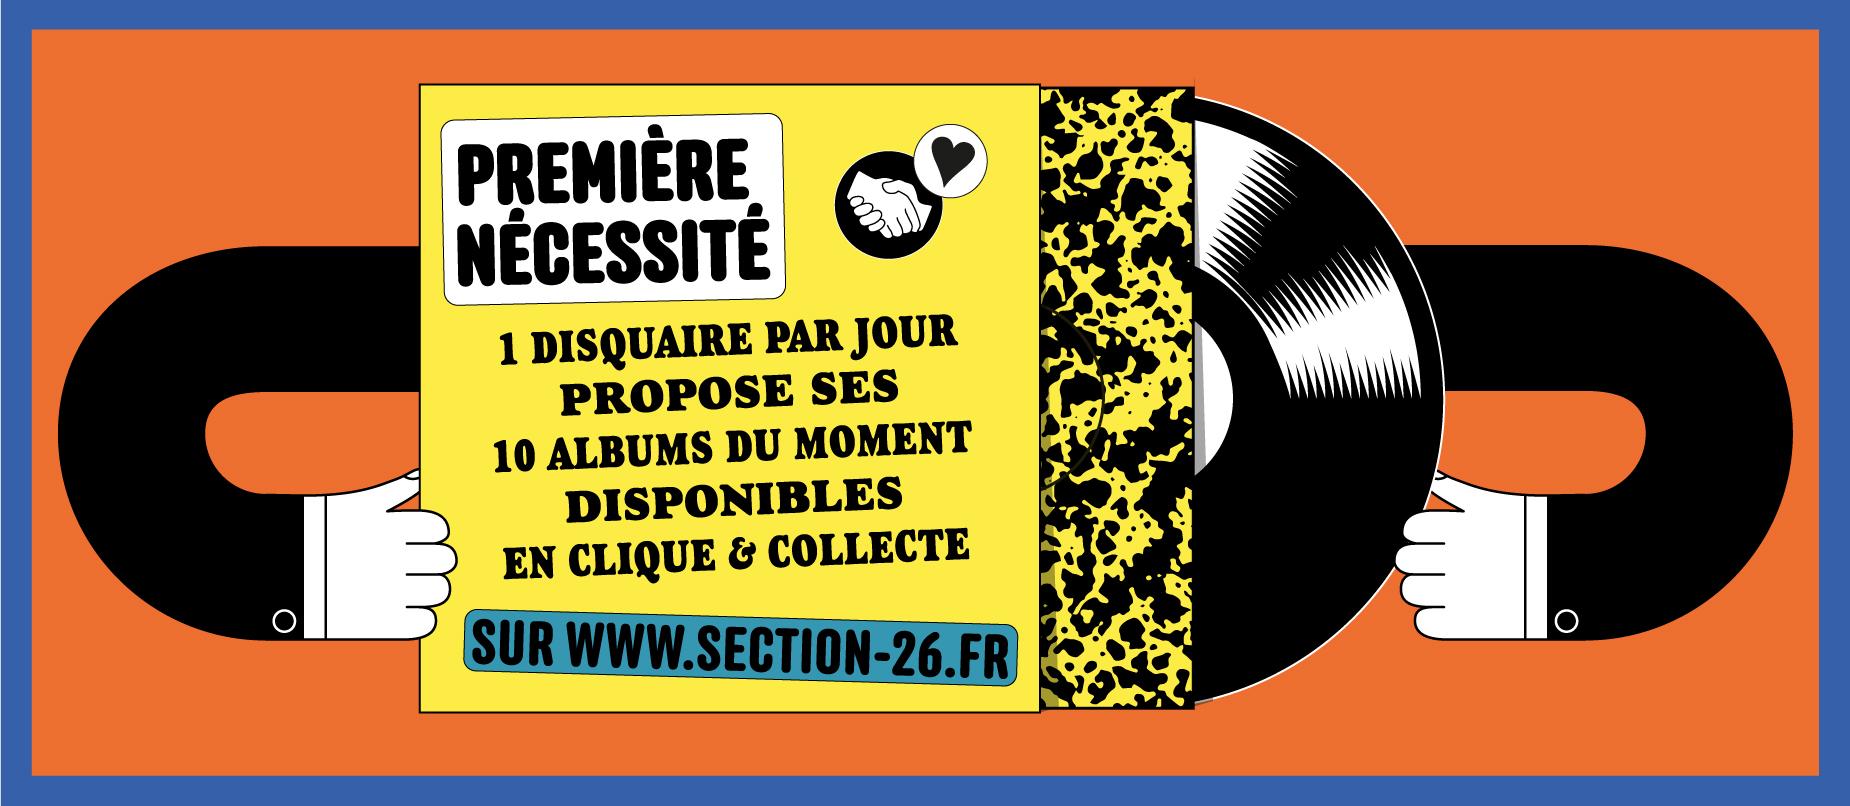 Section26 Première nécessité 1 disquaire propose ses 10 albums du moment disponibles en clique et collecte pendant le confinement